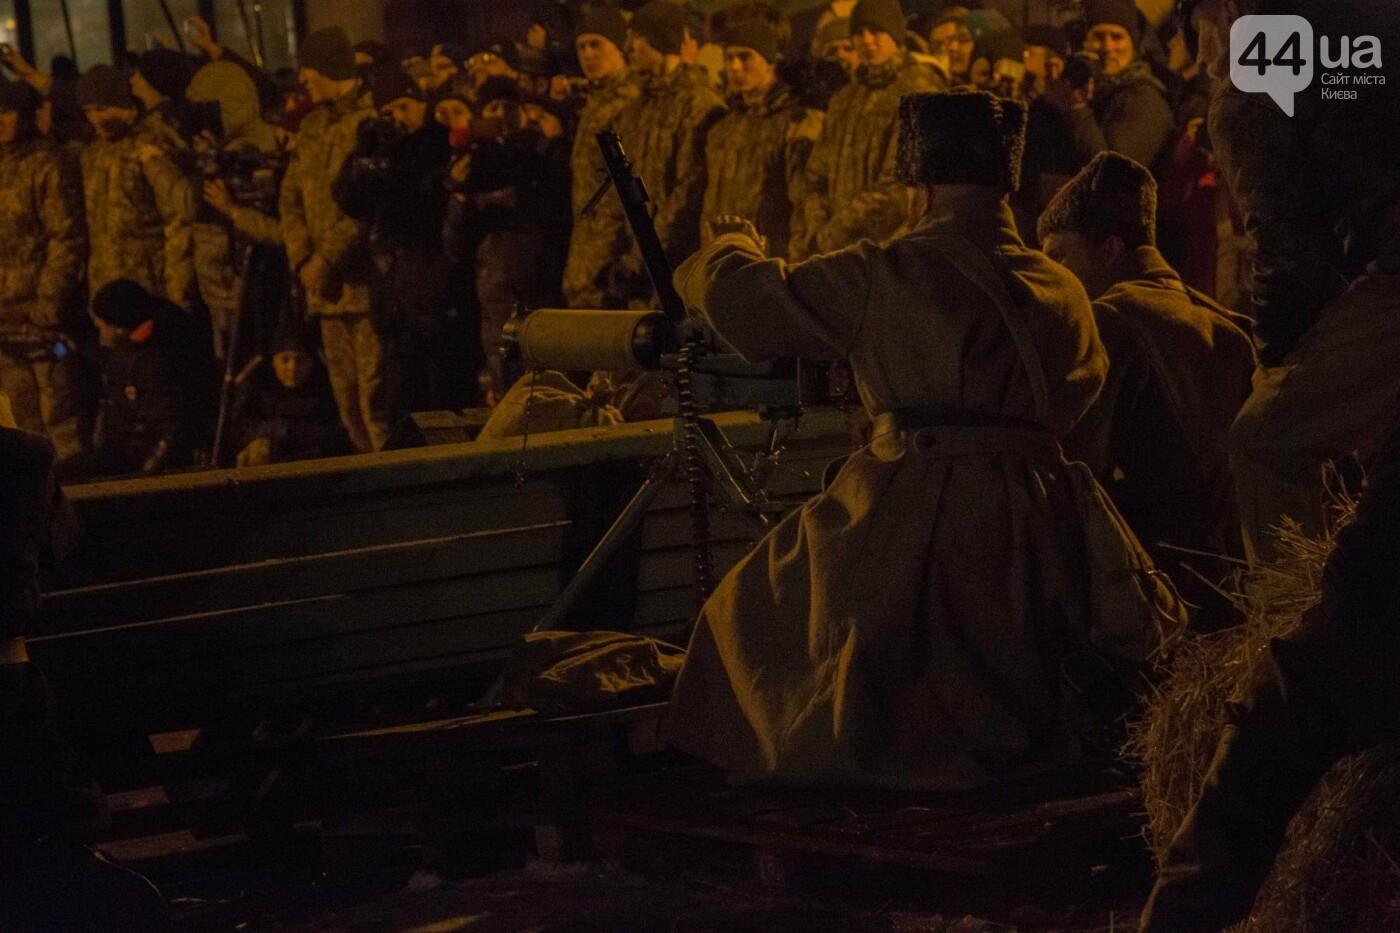 В Киеве провели реконструкцию боя за завод Арсенал (ФОТОРЕПОРТАЖ), фото-15